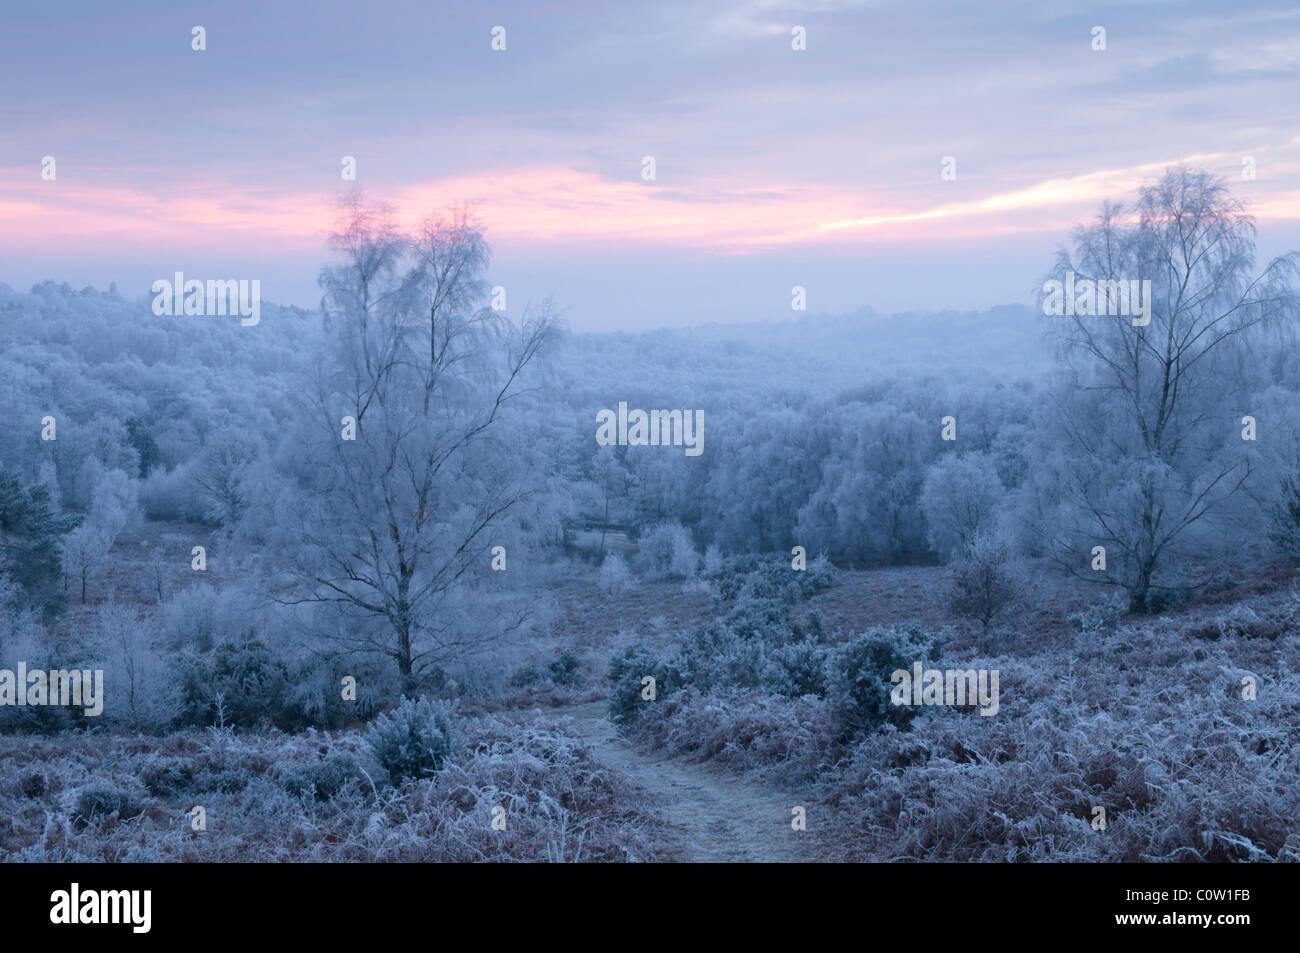 Vista est su woolbeding comune, west sussex, Regno Unito. trasformata per forte gradiente frost. gennaio. Tramonto. Immagini Stock